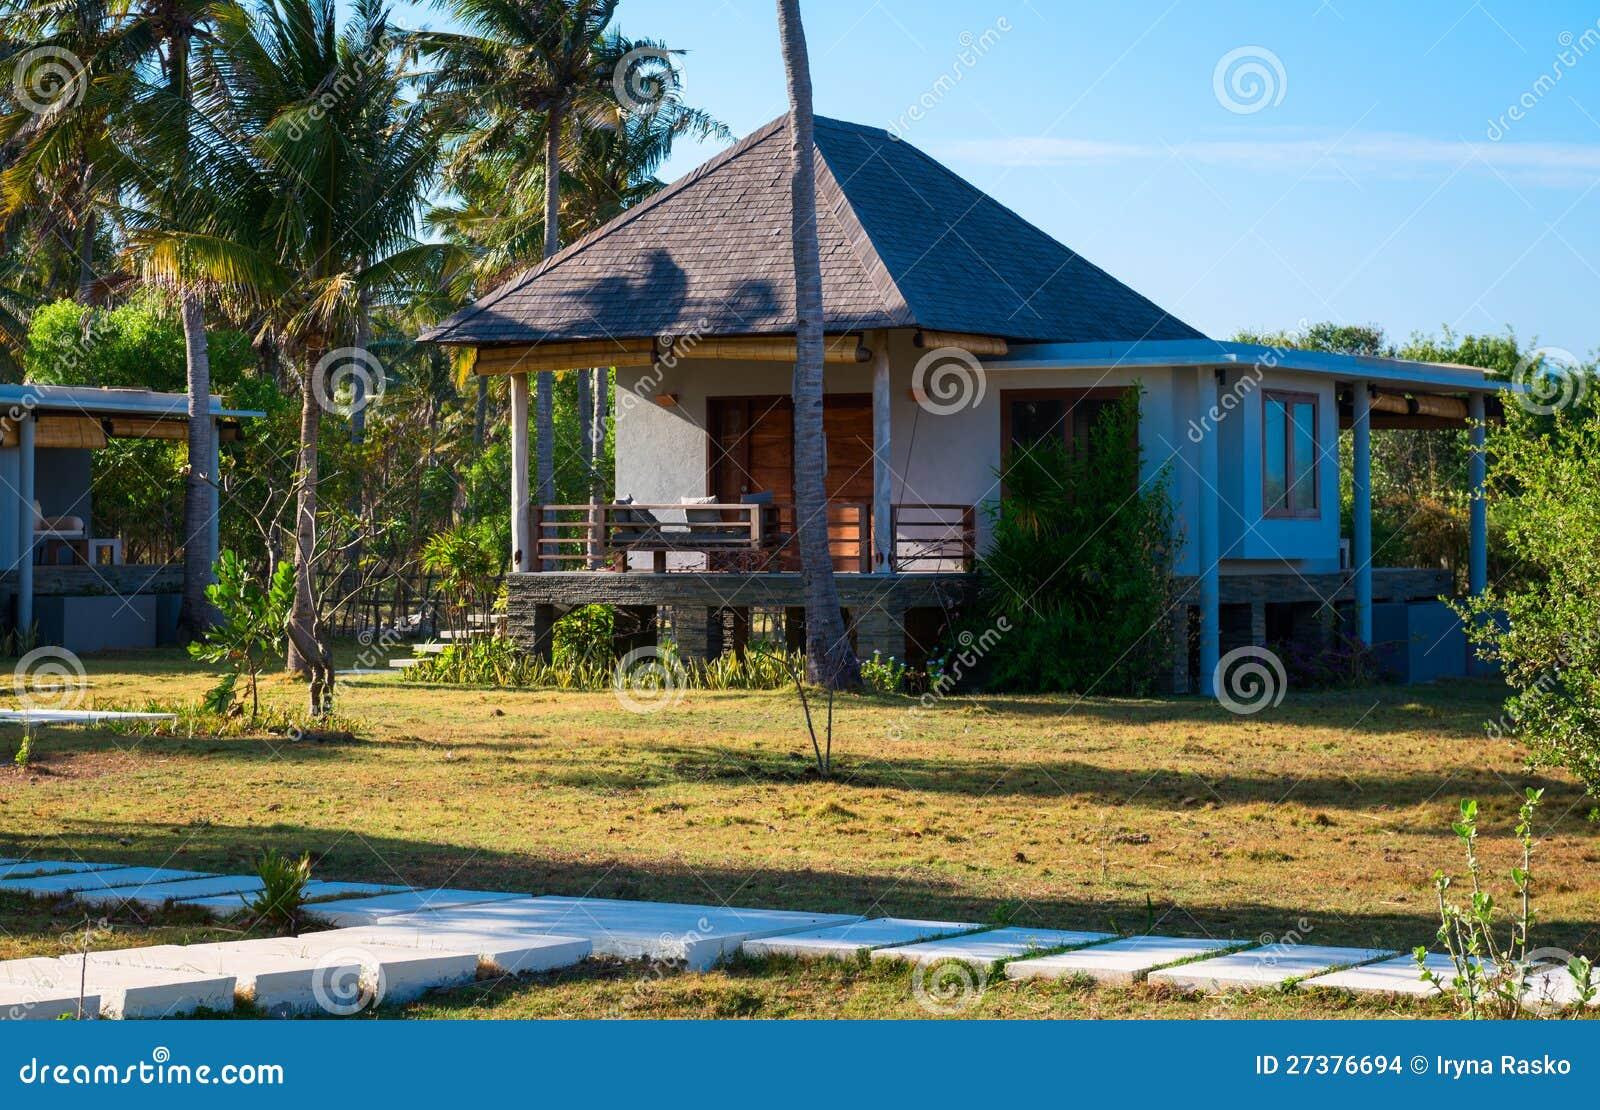 klein eigentijds huis in tropisch klimaat stock afbeeldingen beeld 27376694